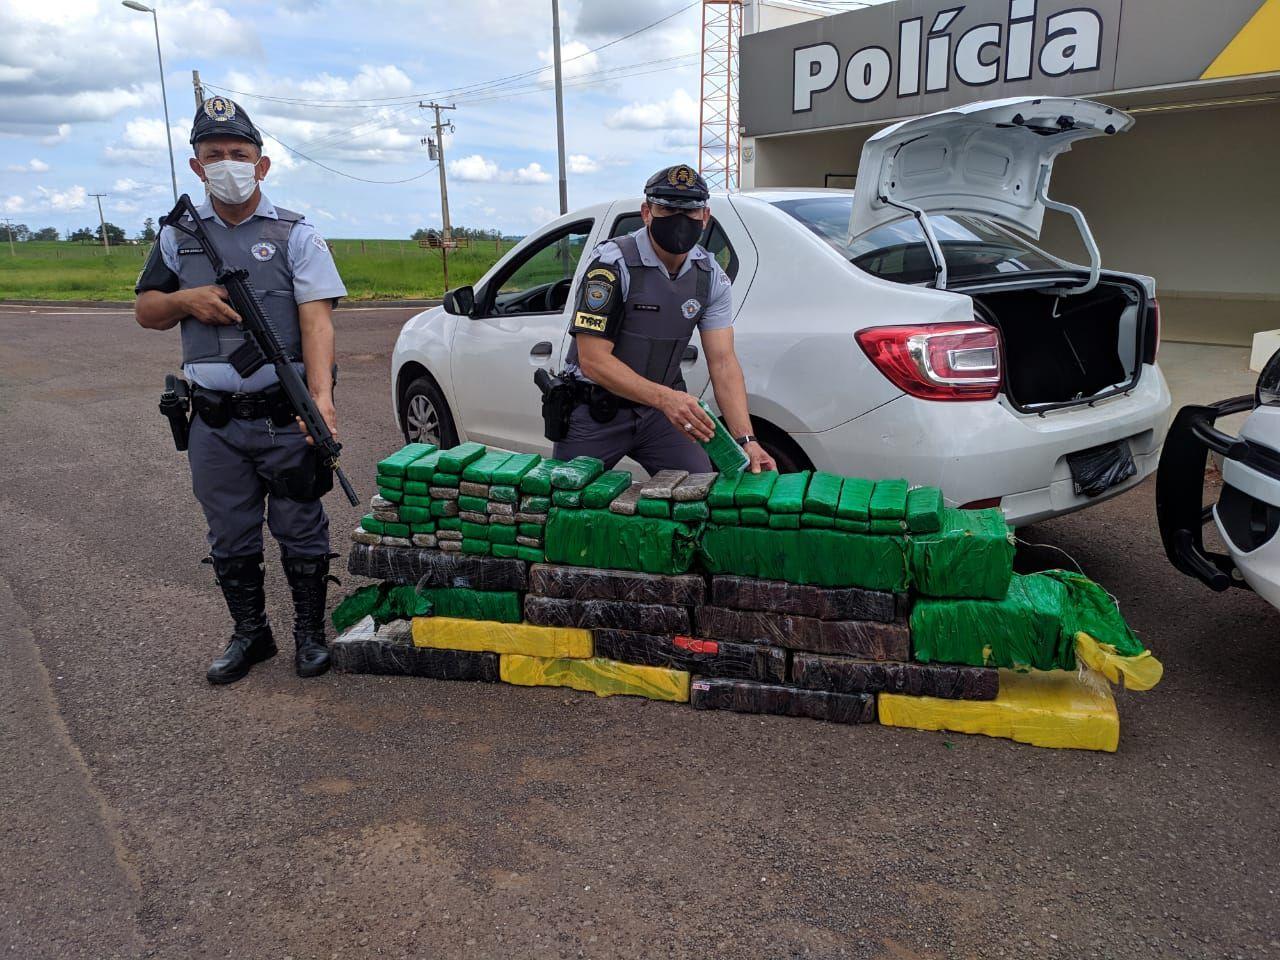 Polícia Rodoviária apreende grande quantidade de droga na rodovia Raposo Tavares - Divulgação/Polícia Rodoviária